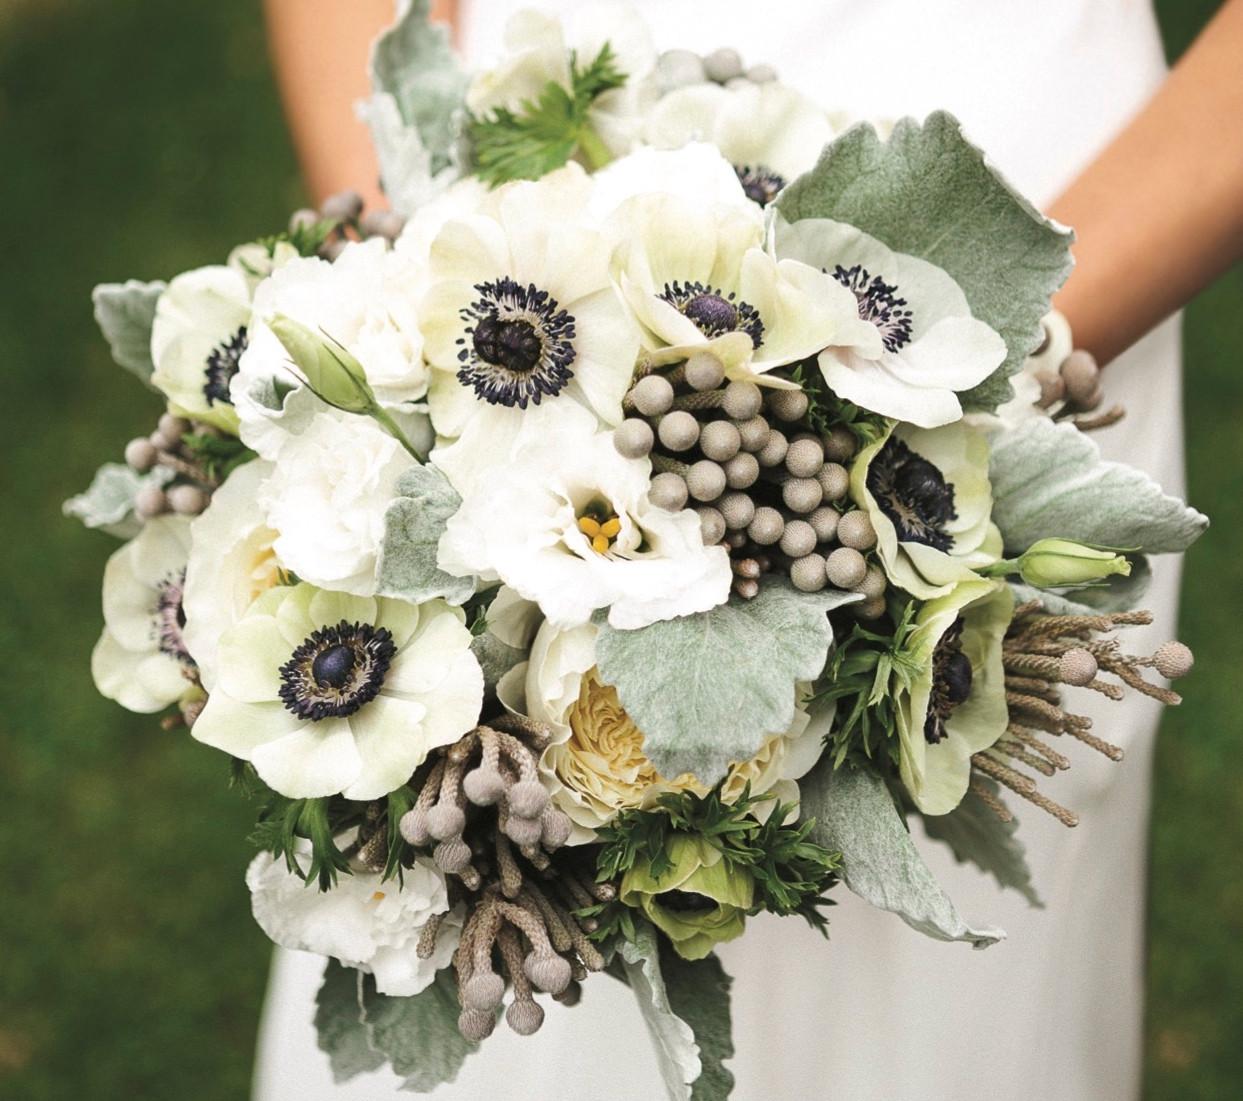 Vermont Wedding Flowers: Weddings ByDebbie Crowley